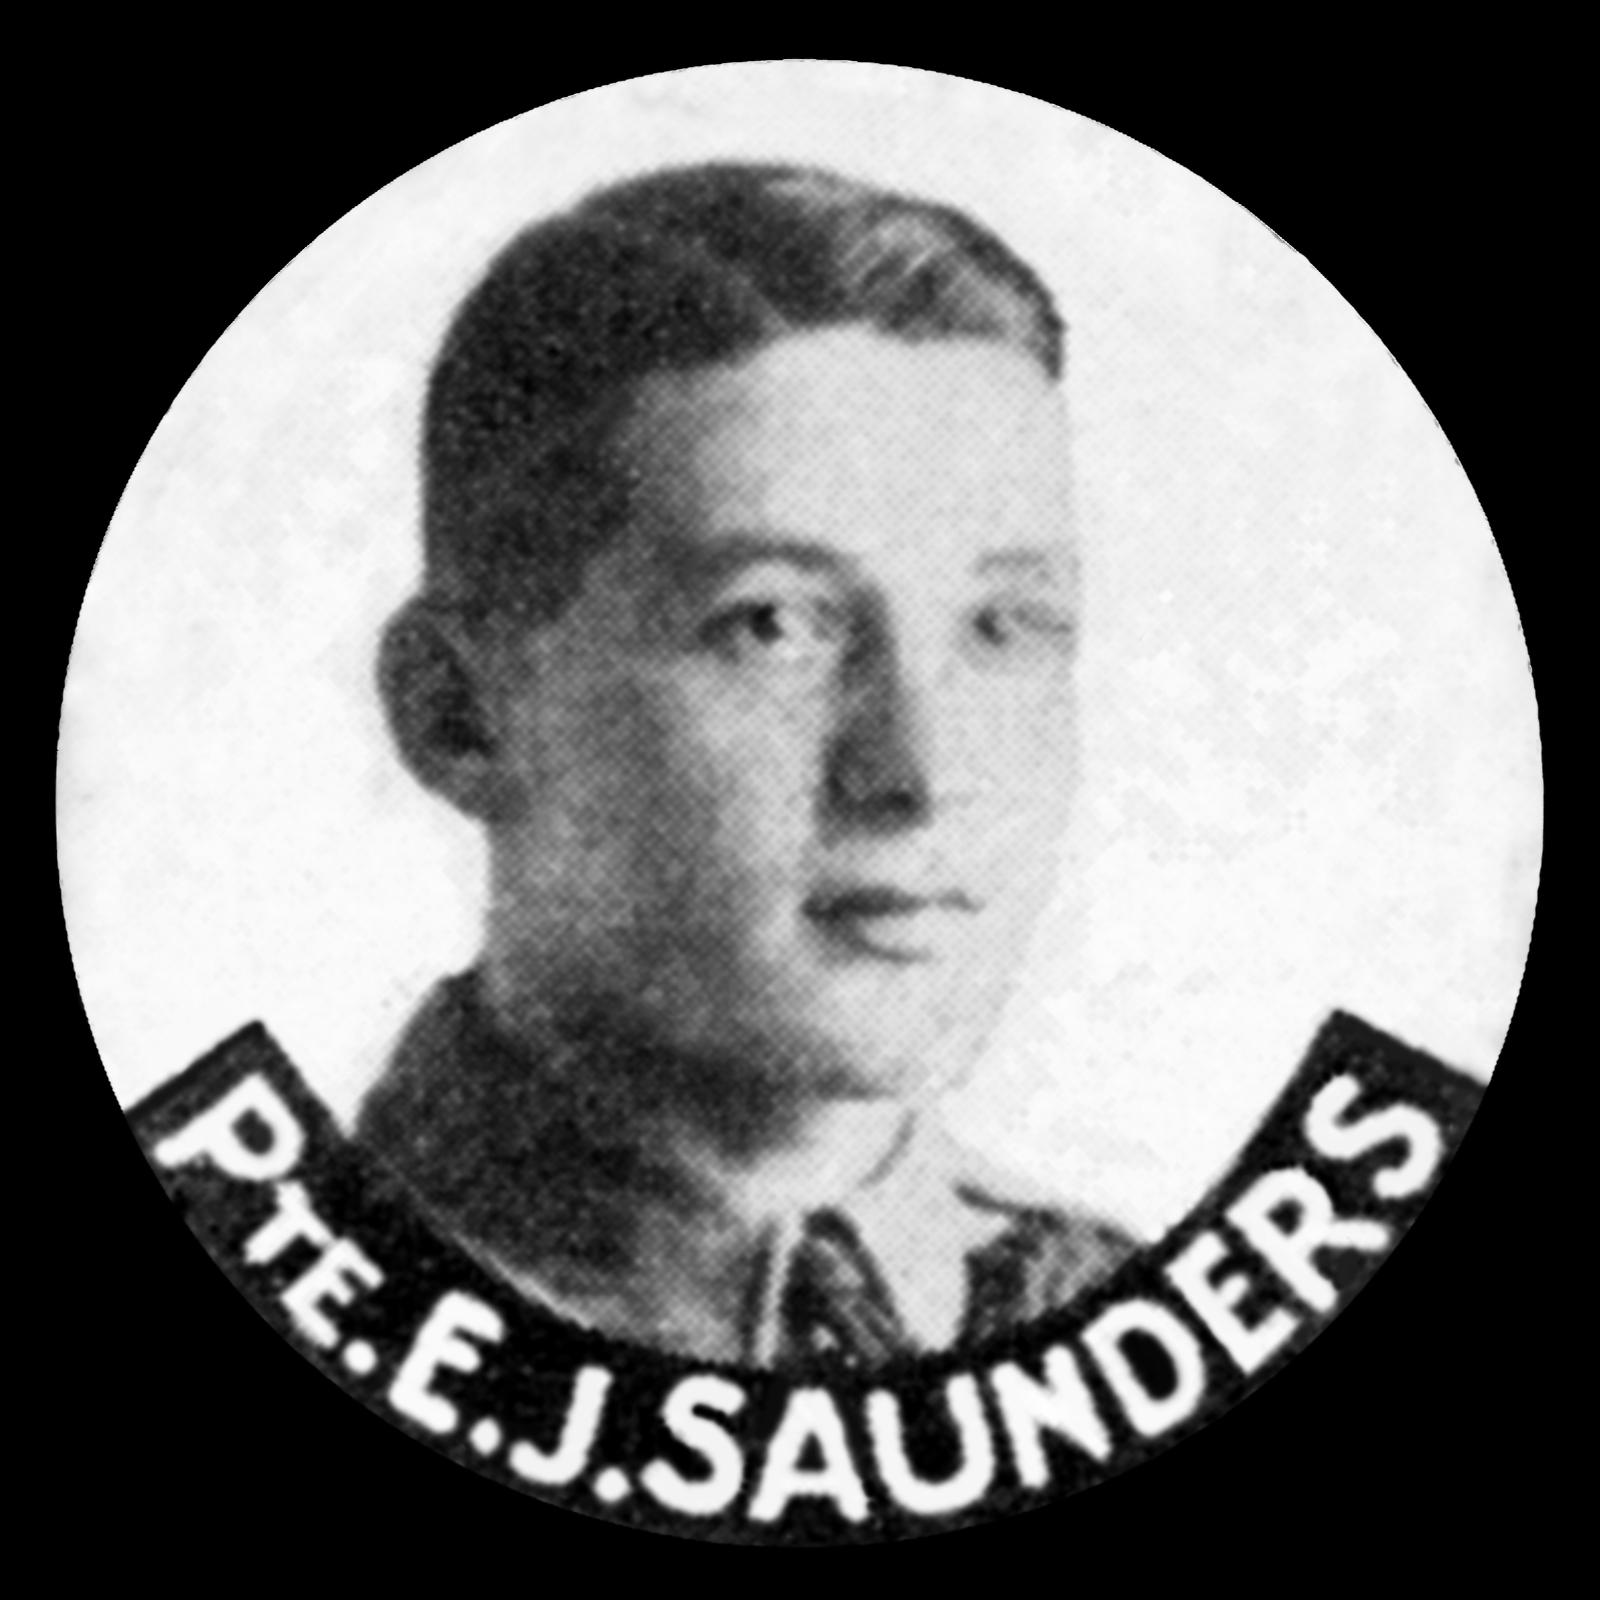 SAUNDERS Ernest John